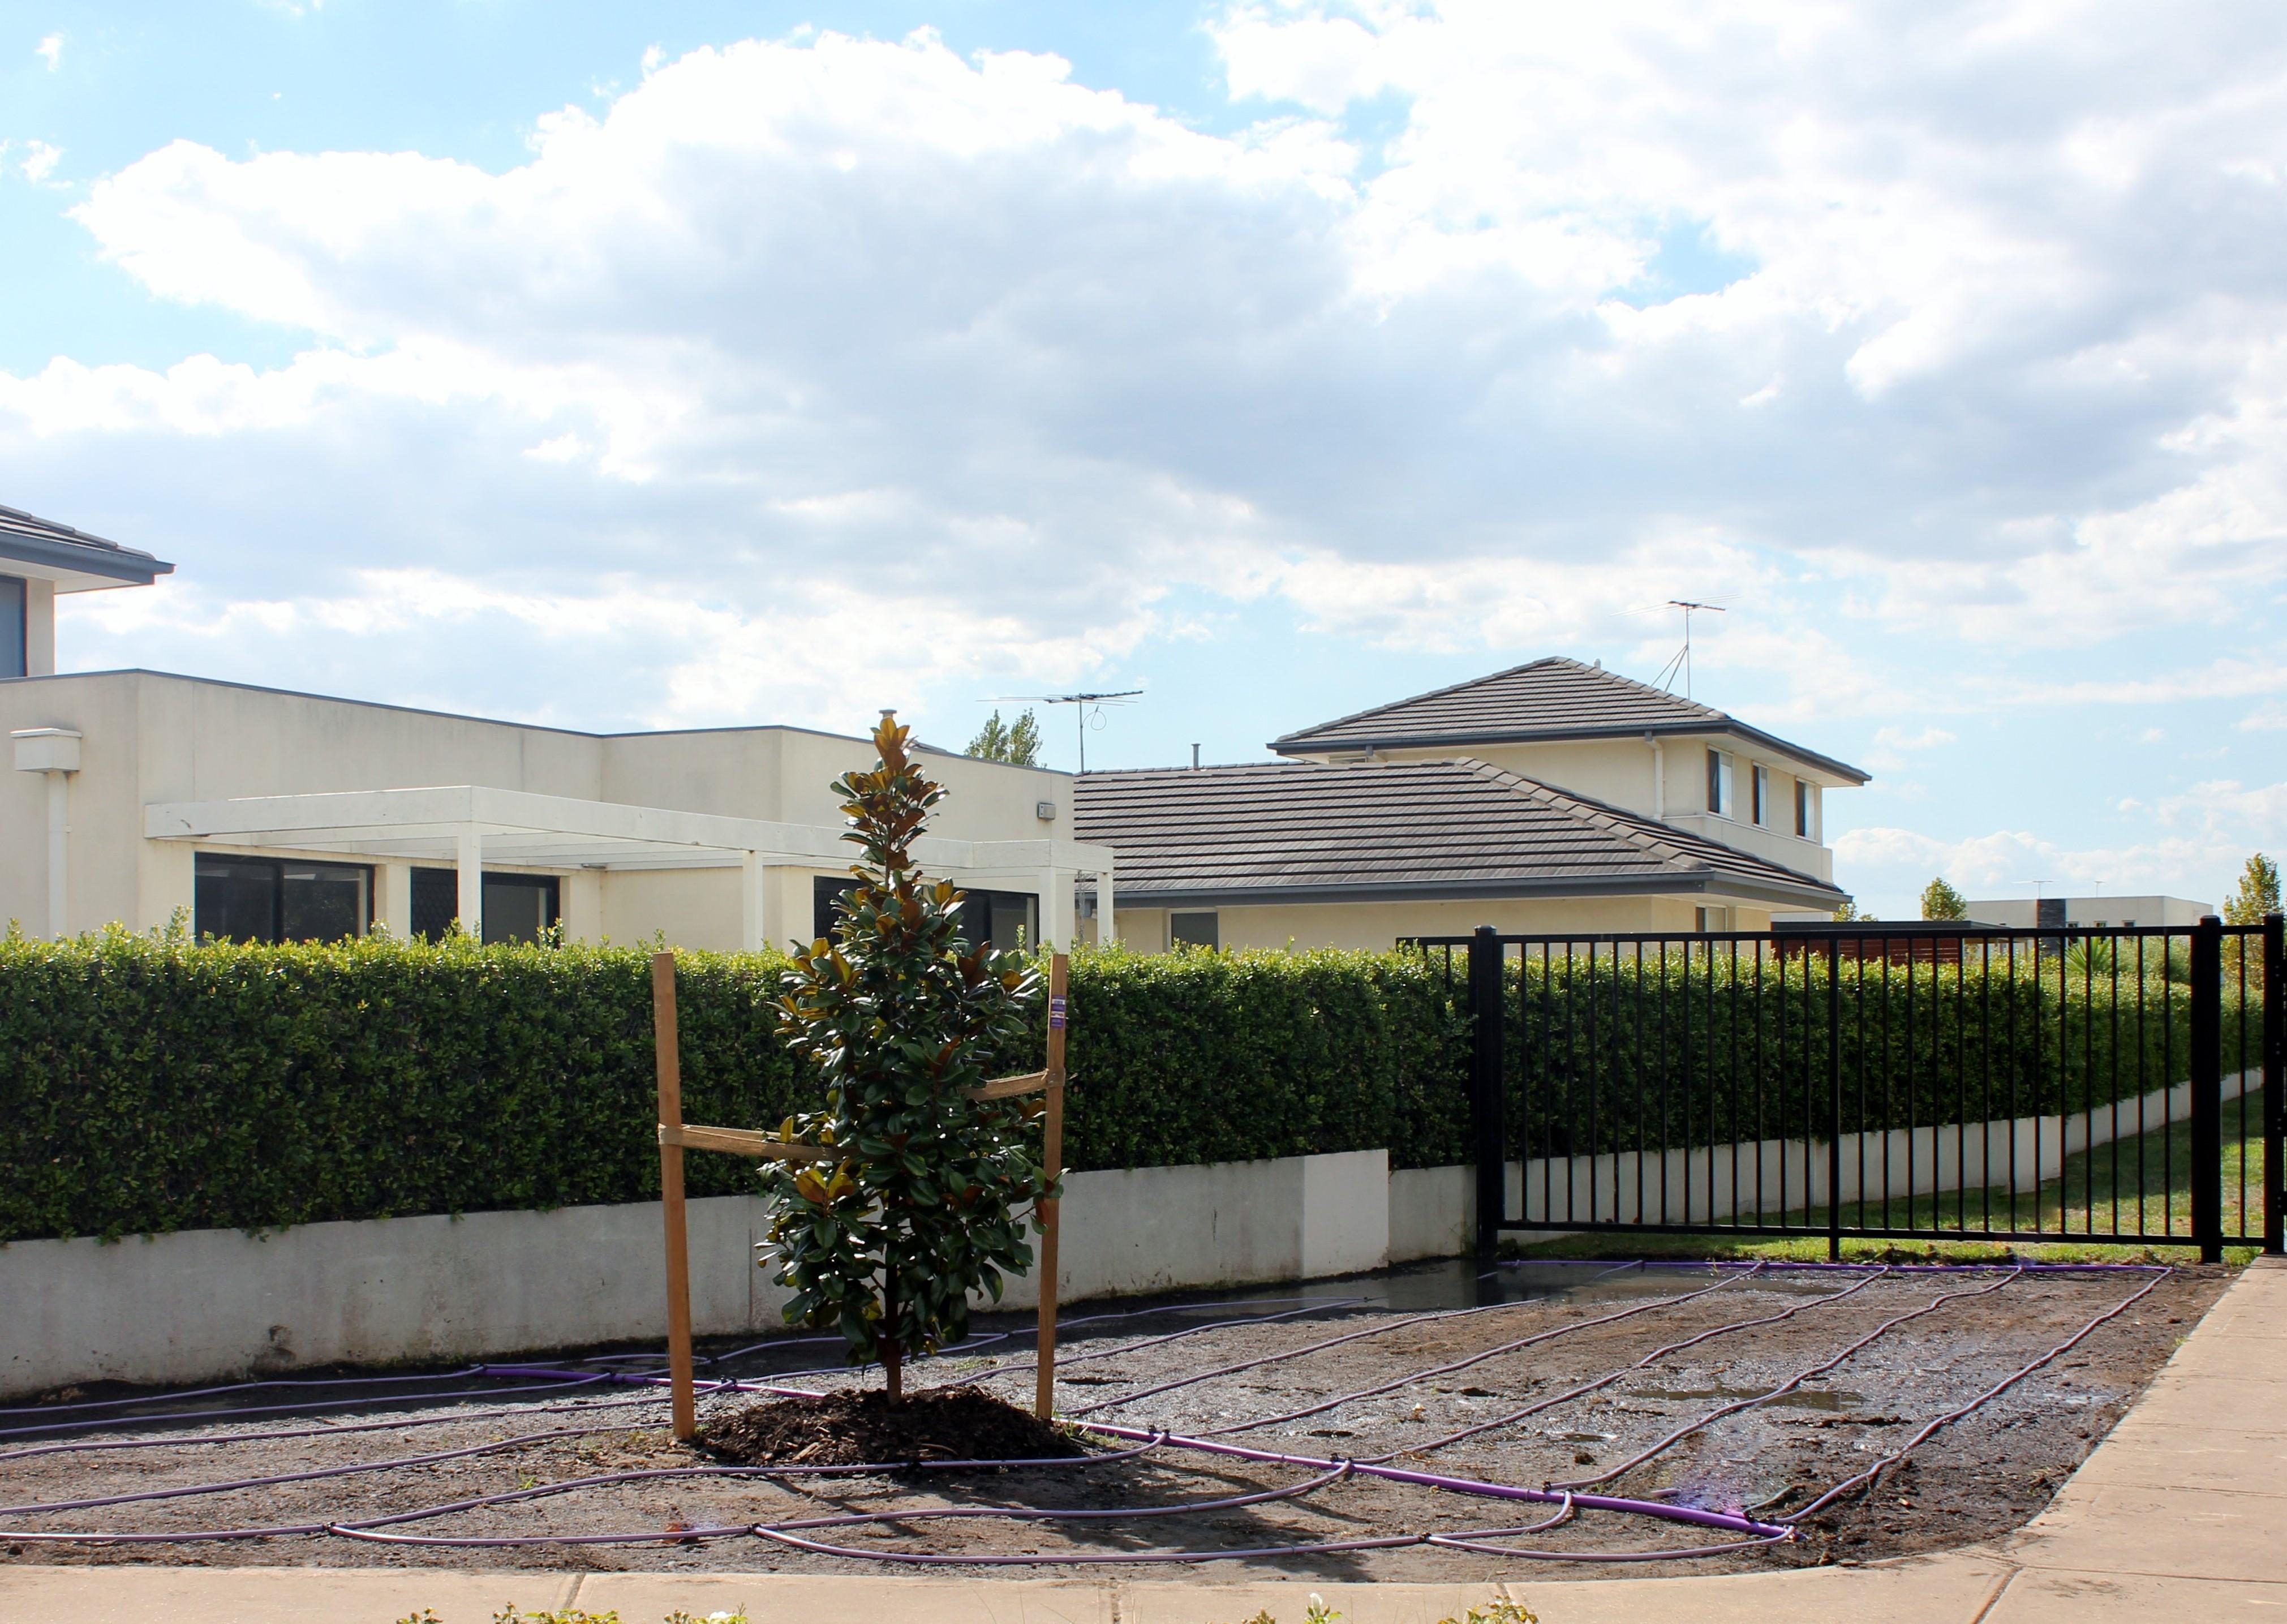 Gardening services maintenance melbourne enhance services for Landscape contractors melbourne